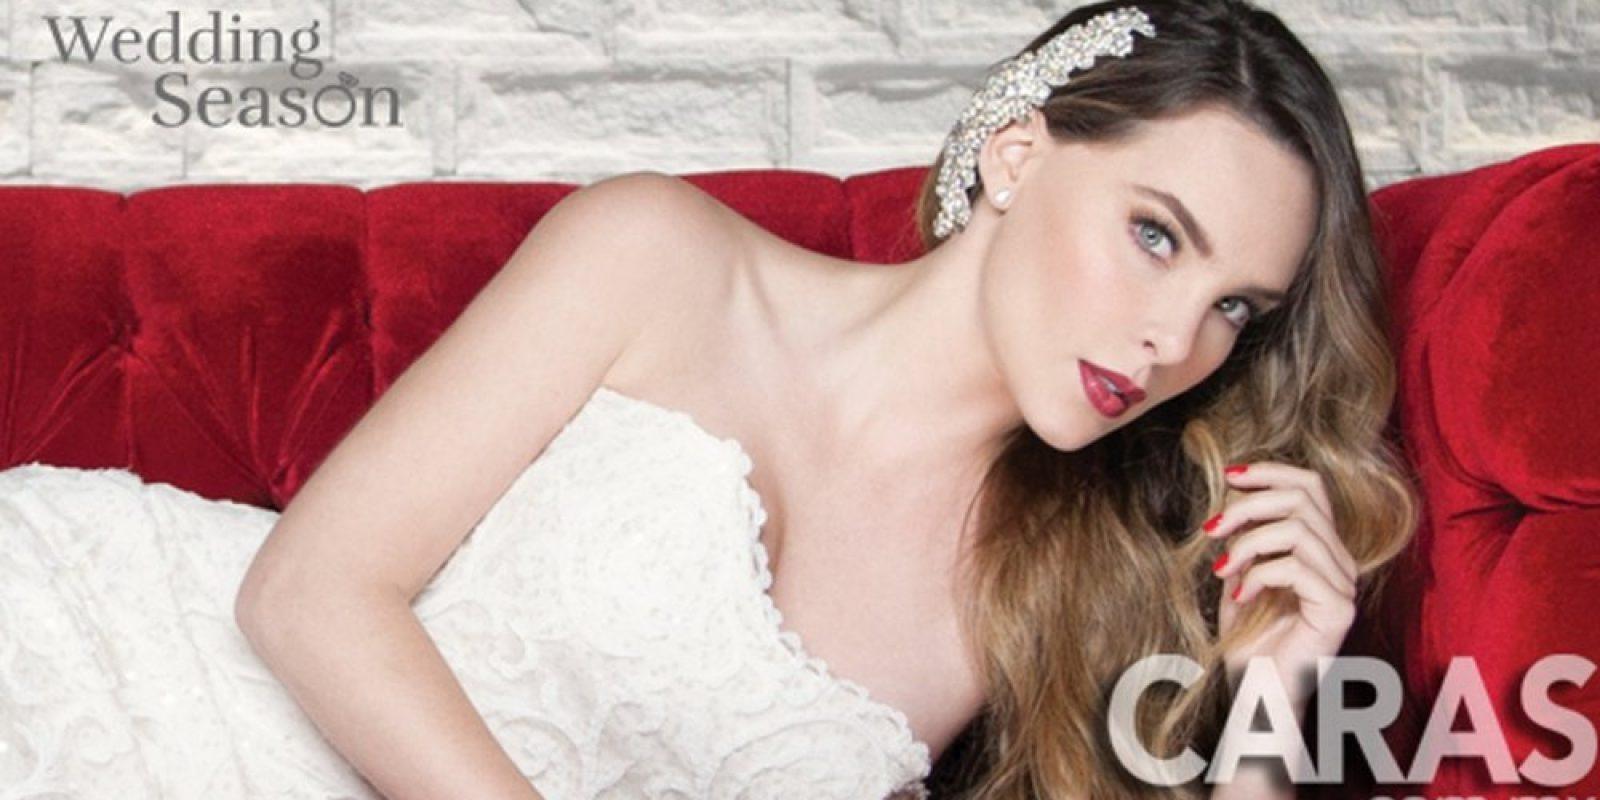 . Imagen Por: Vía caras.com.mx